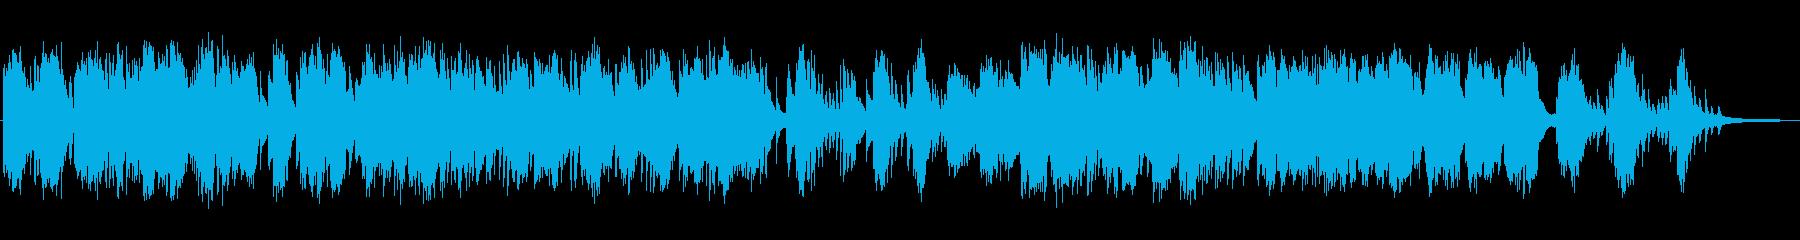 静かな物語のピアノの再生済みの波形